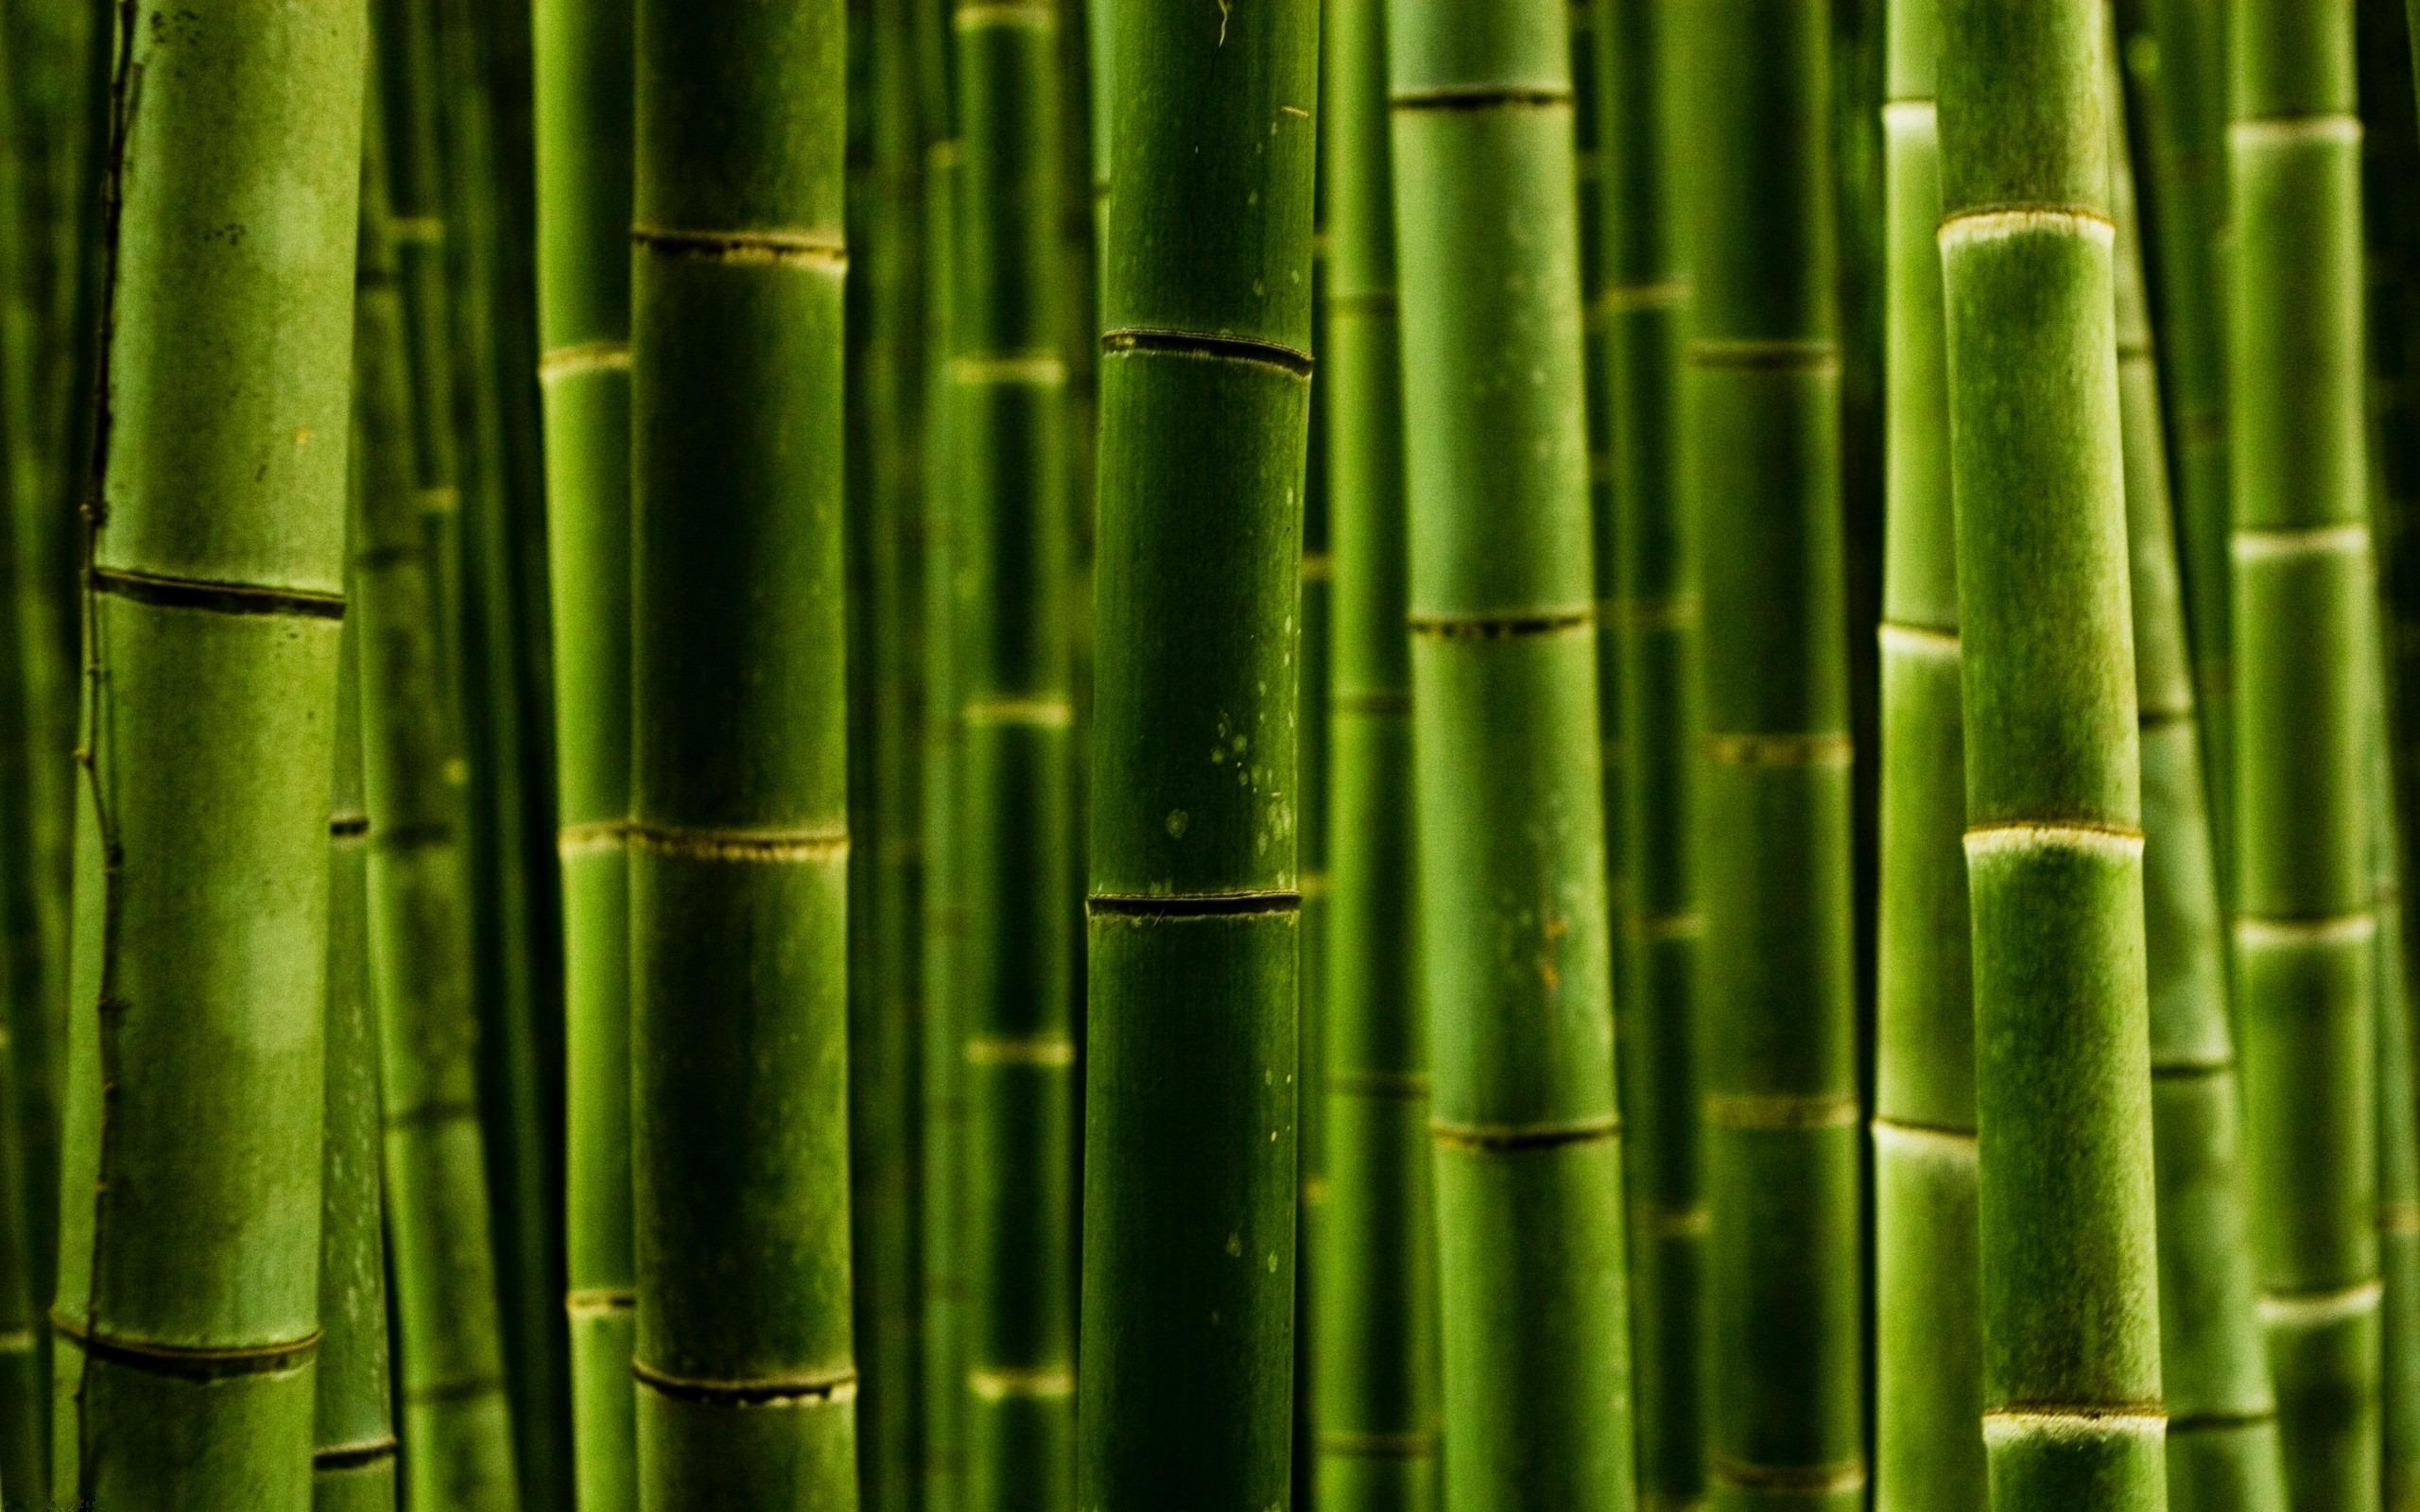 oboi-pod-bambuk